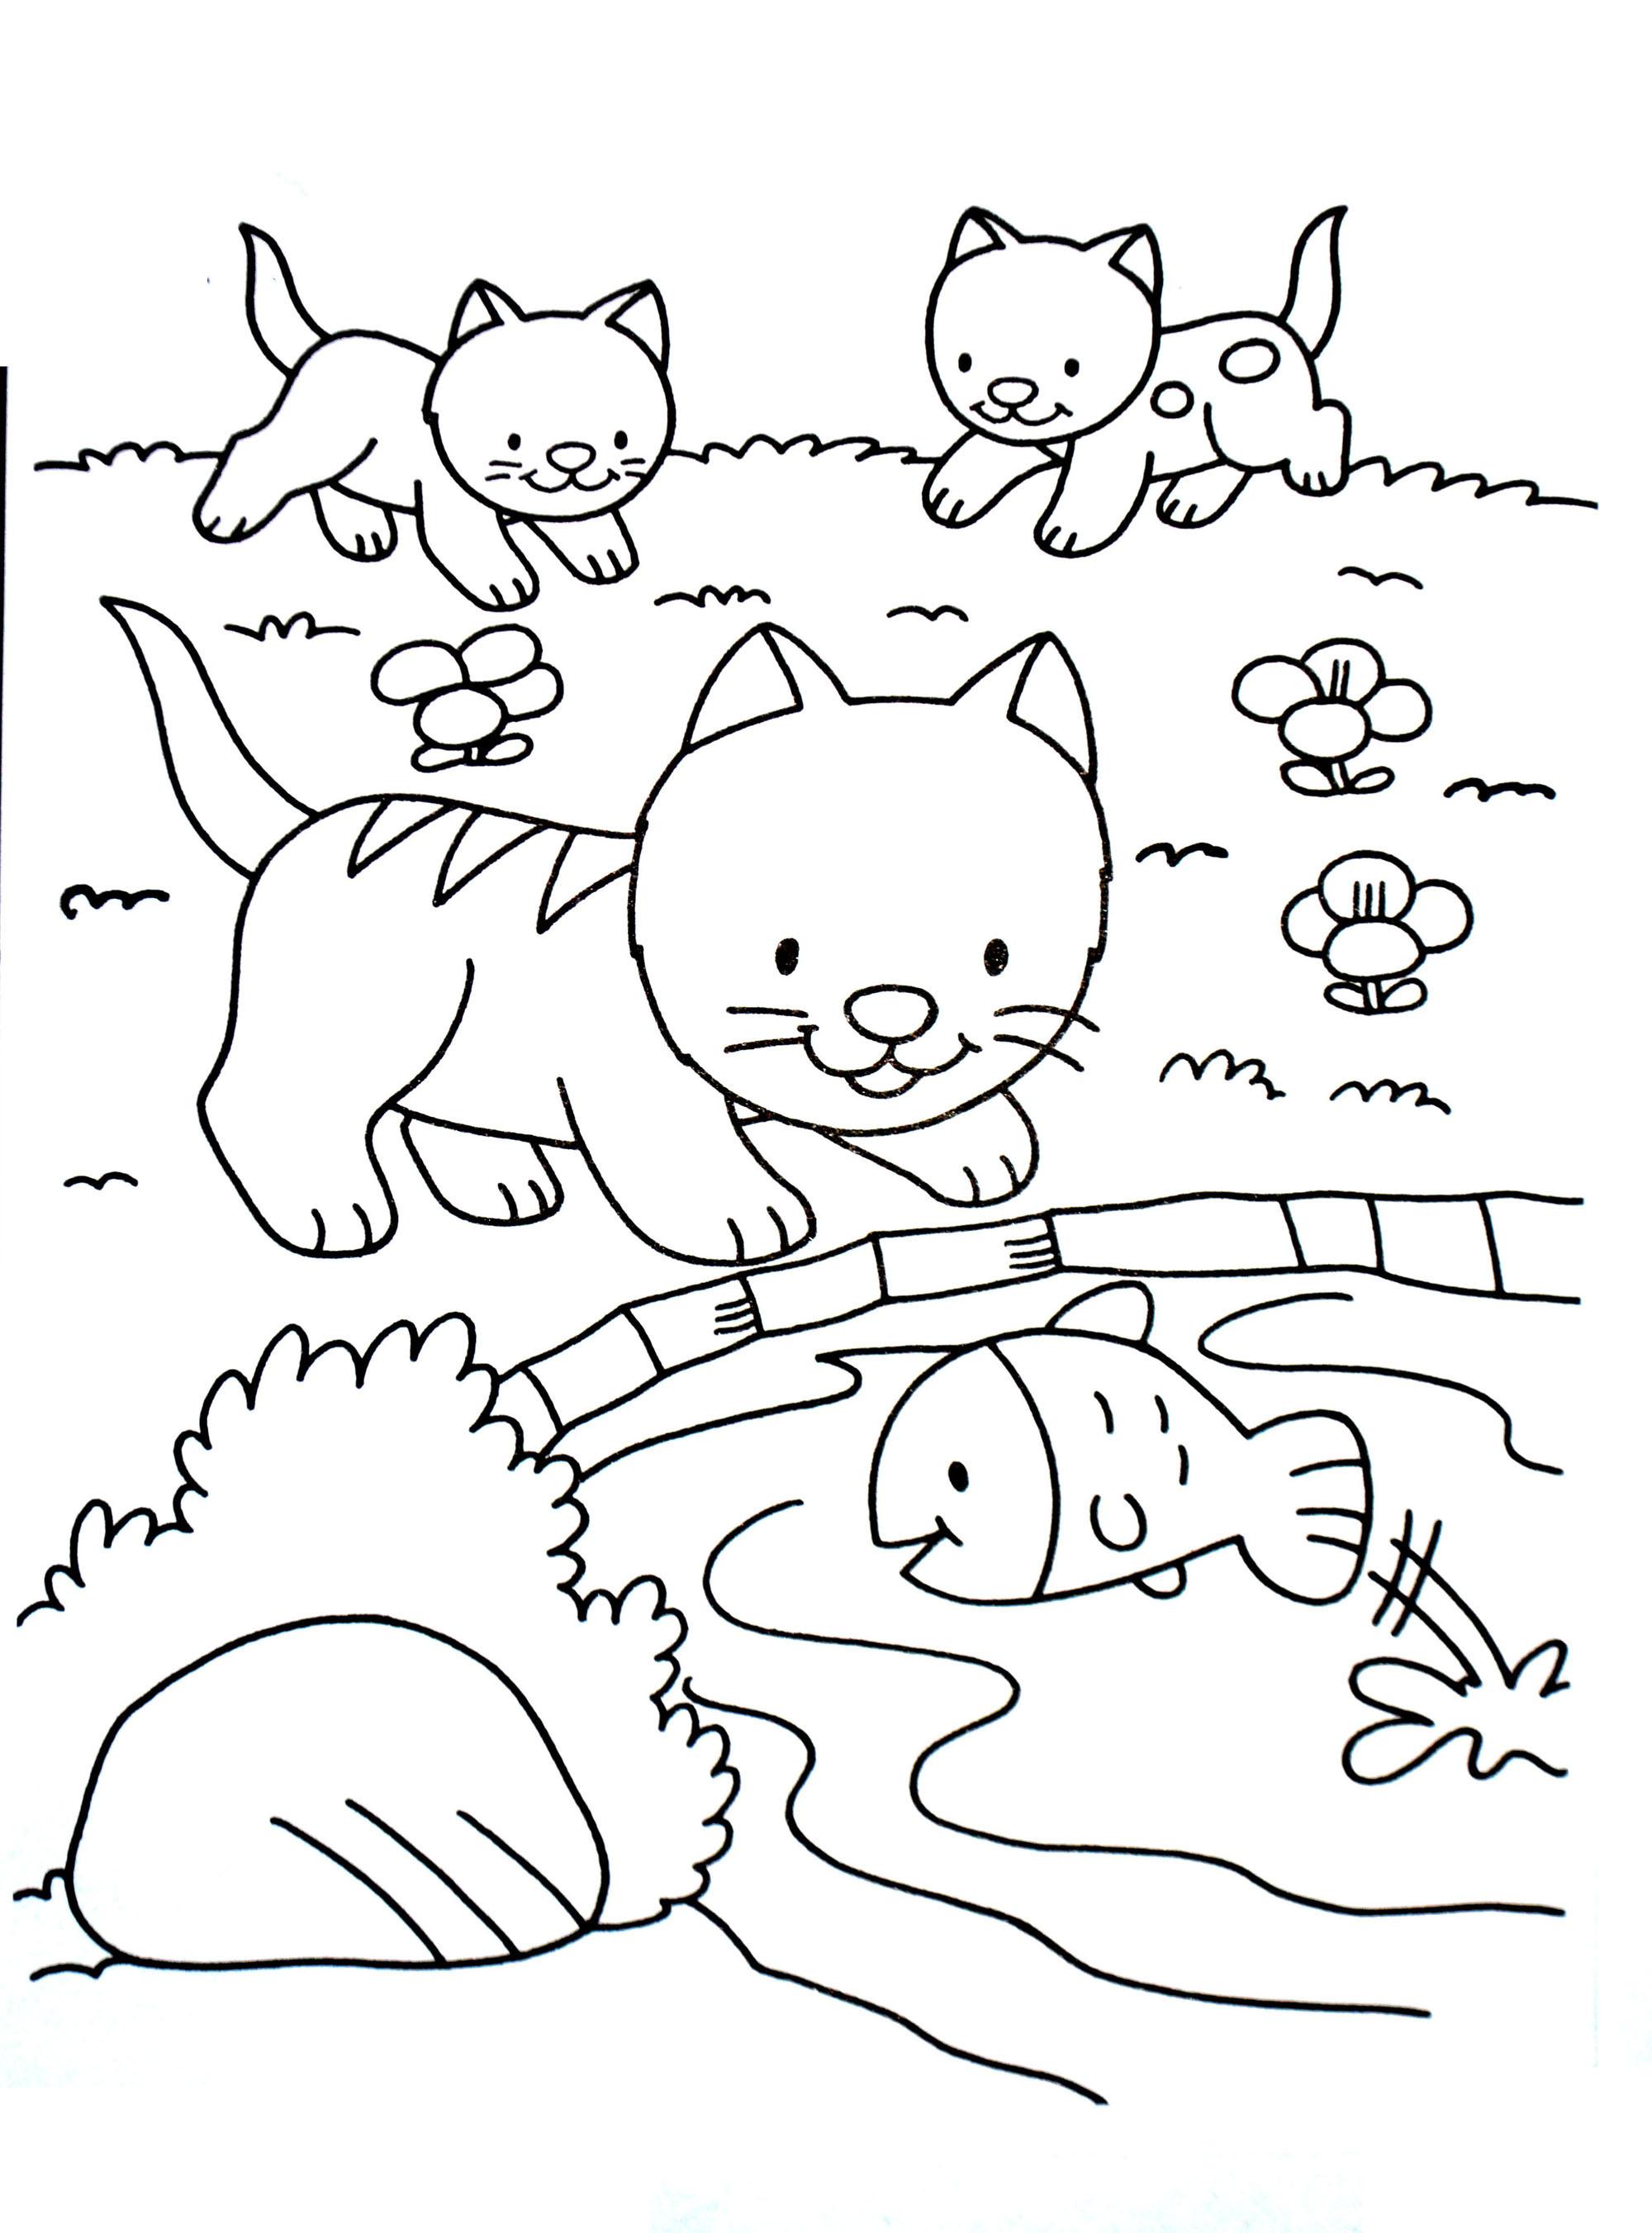 A Imprimer Chat 1 - Coloriages De Chats - Coloriages Pour concernant Coloriage À Imprimer Enfant